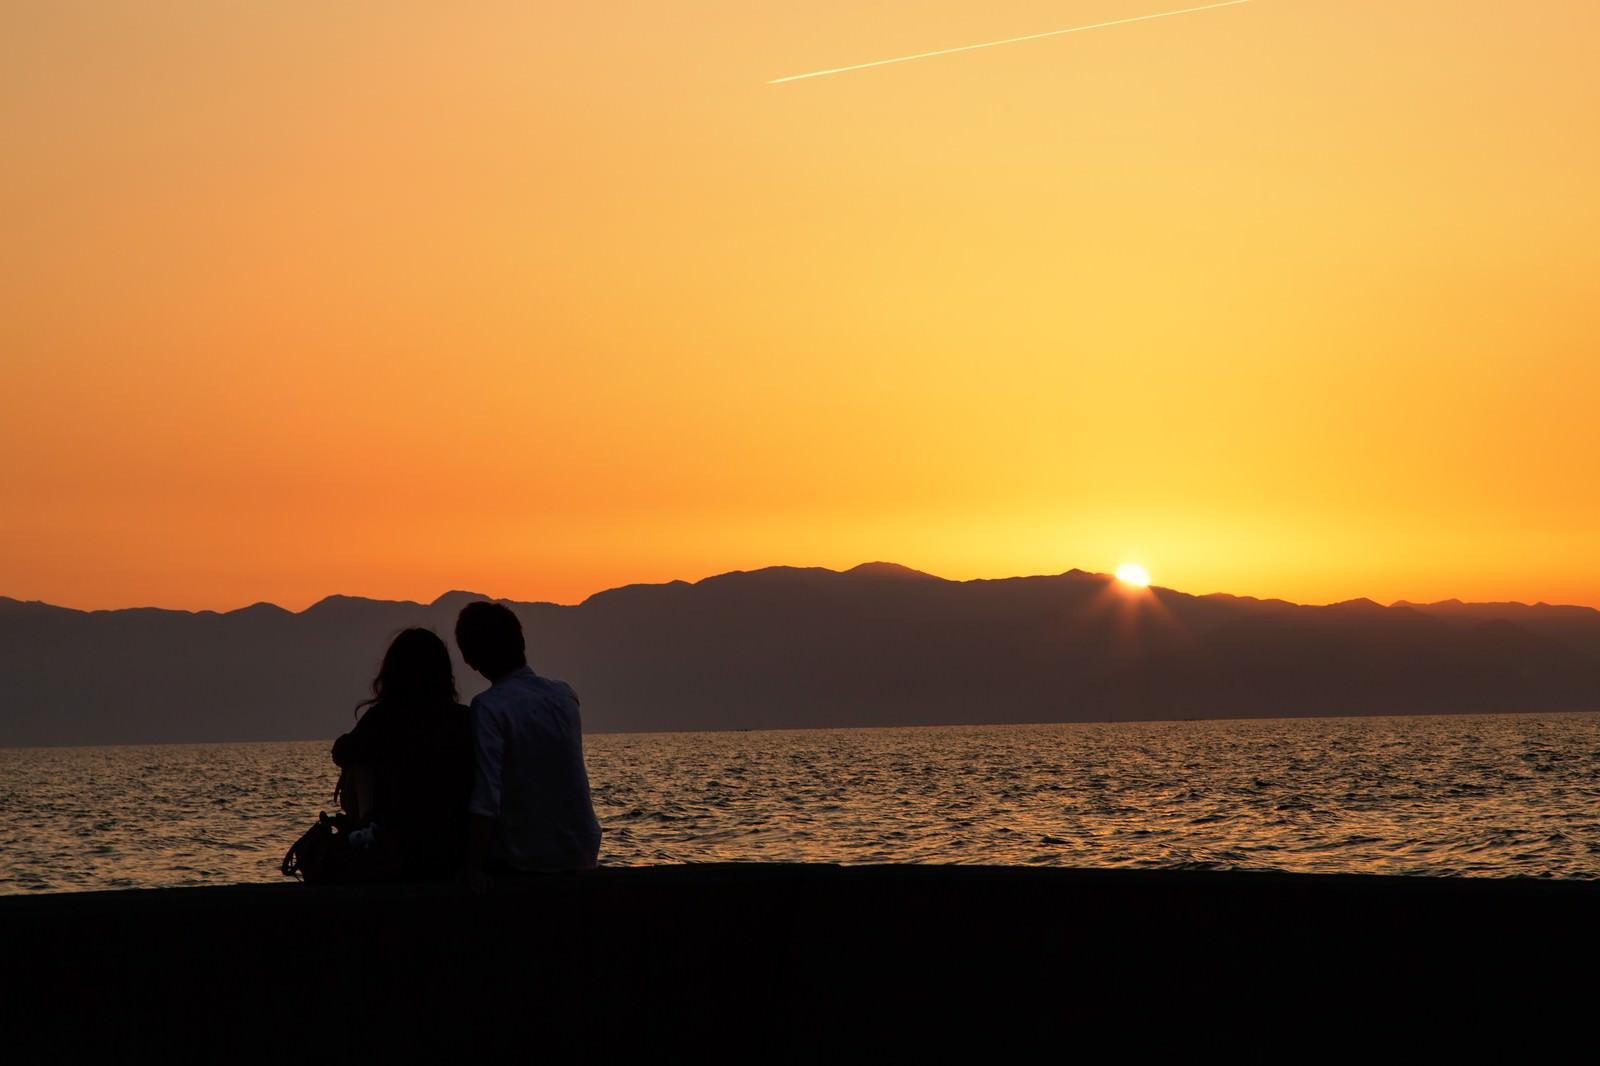 「夕暮れとカップル」の写真